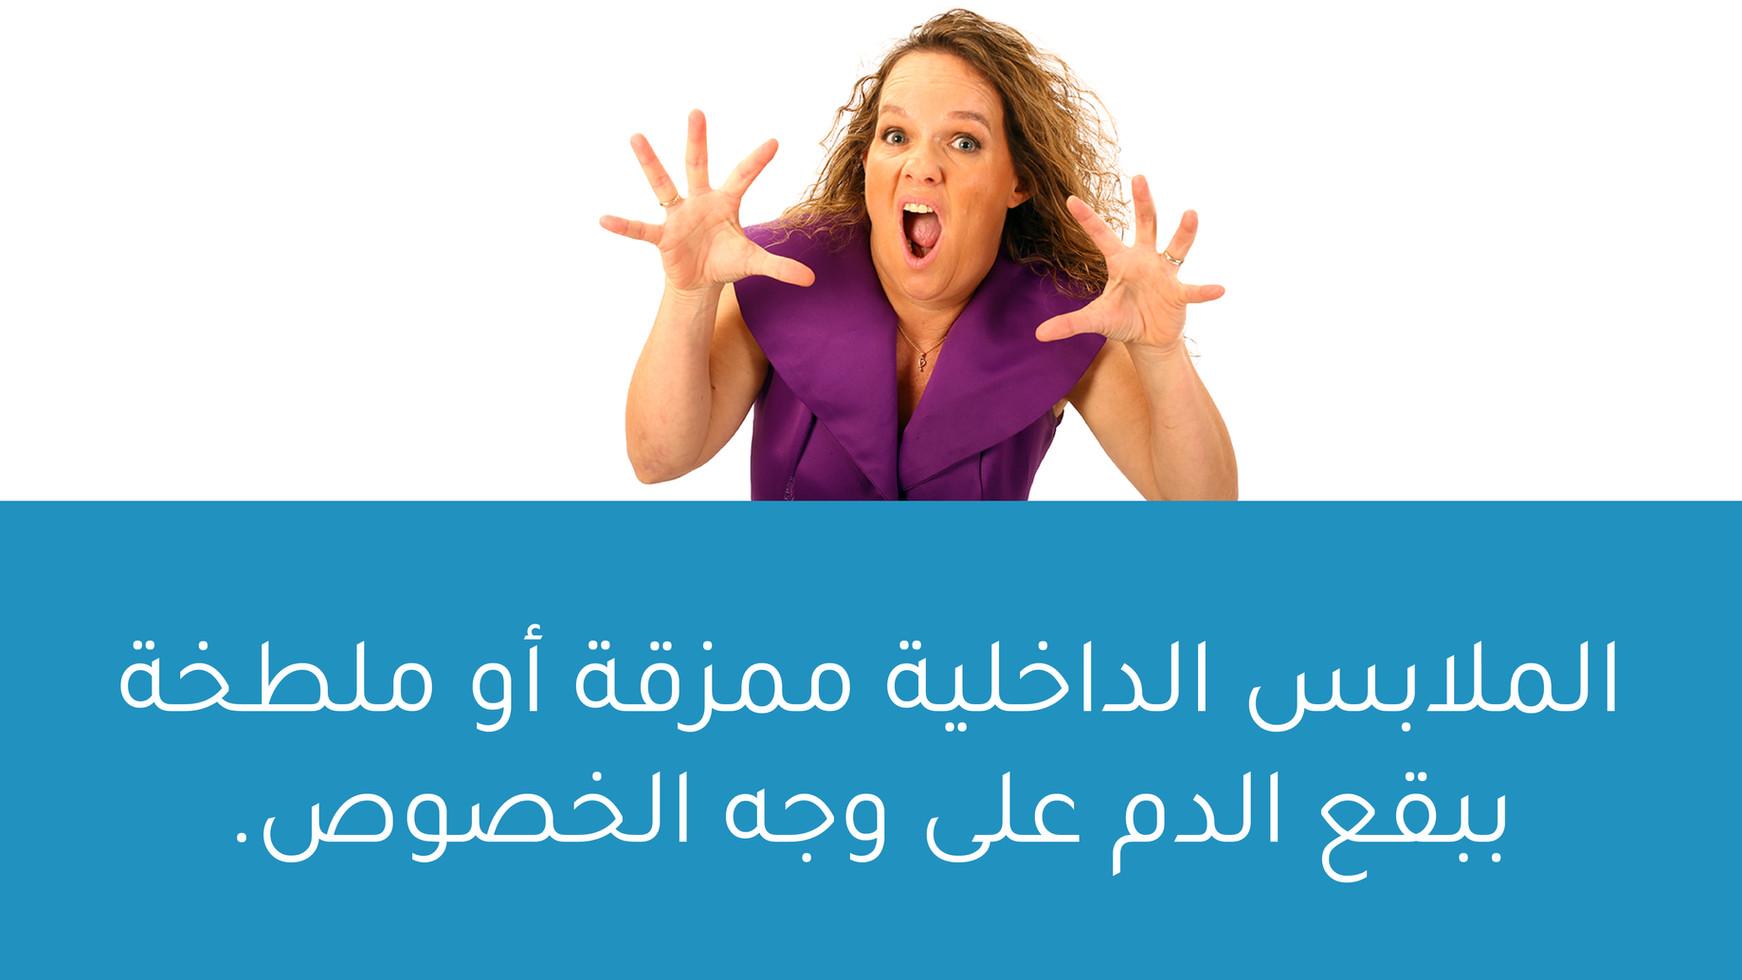 8-الملابس الداخلية ممزقة أو ملطخة ببقع ا